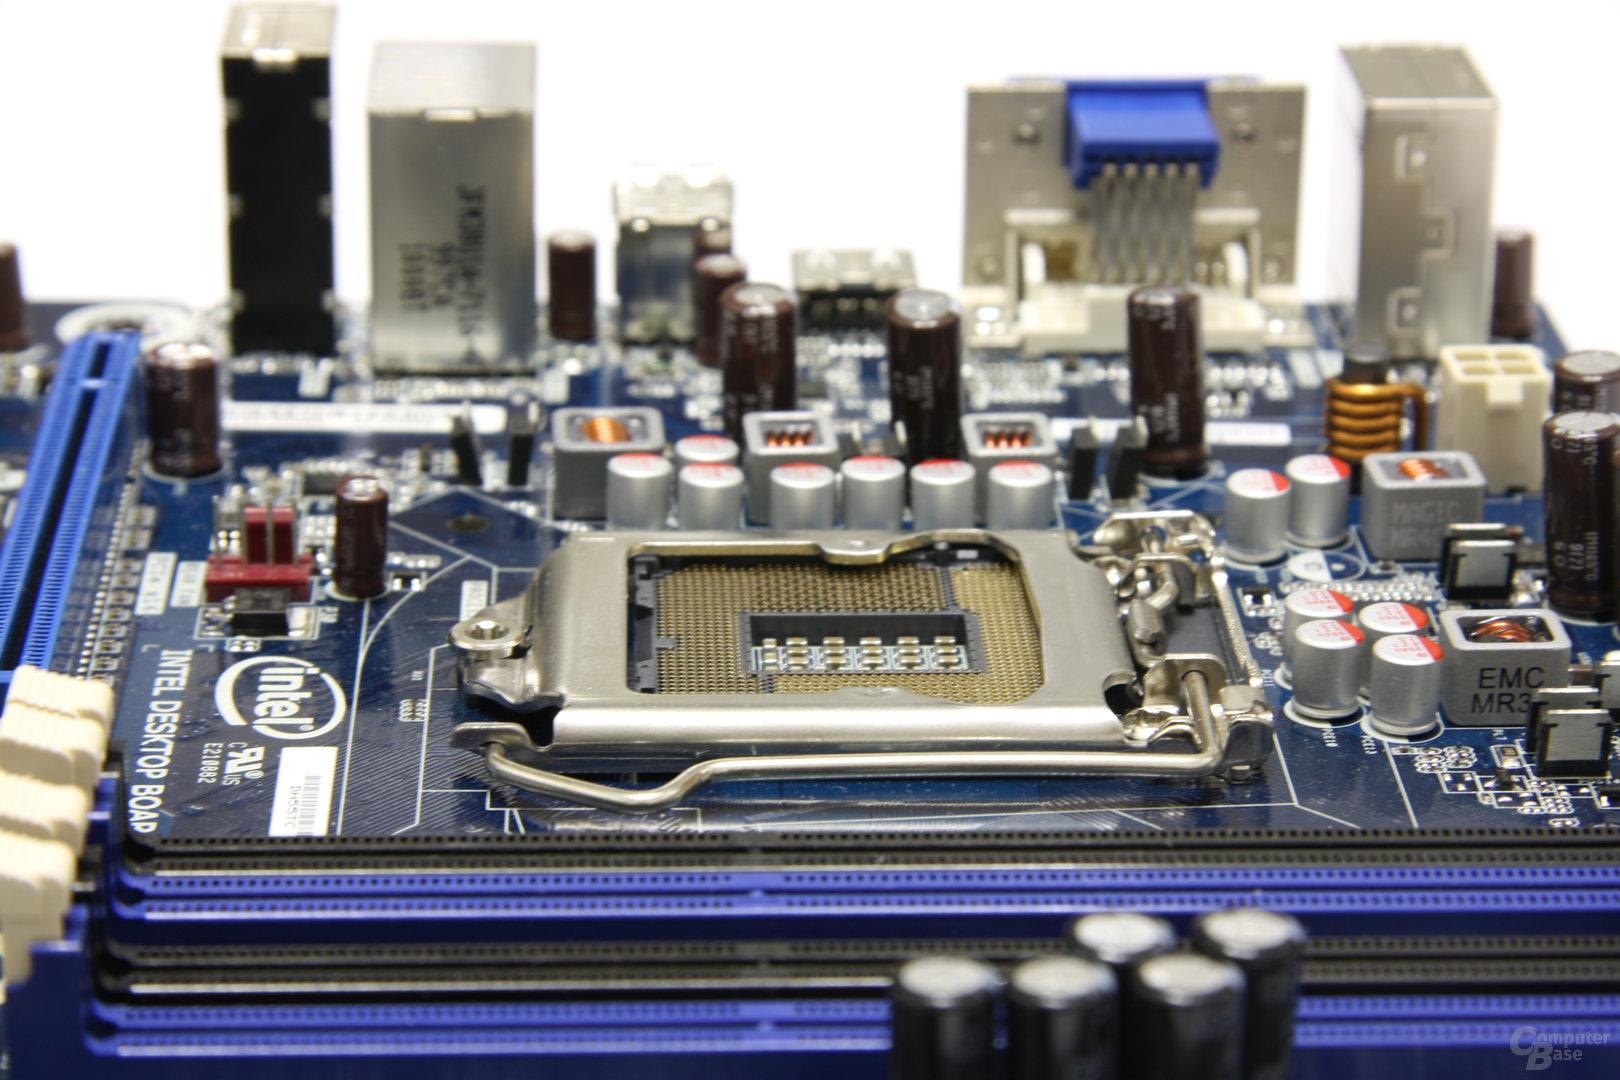 Intel DH55TC H55 - Schrägansicht